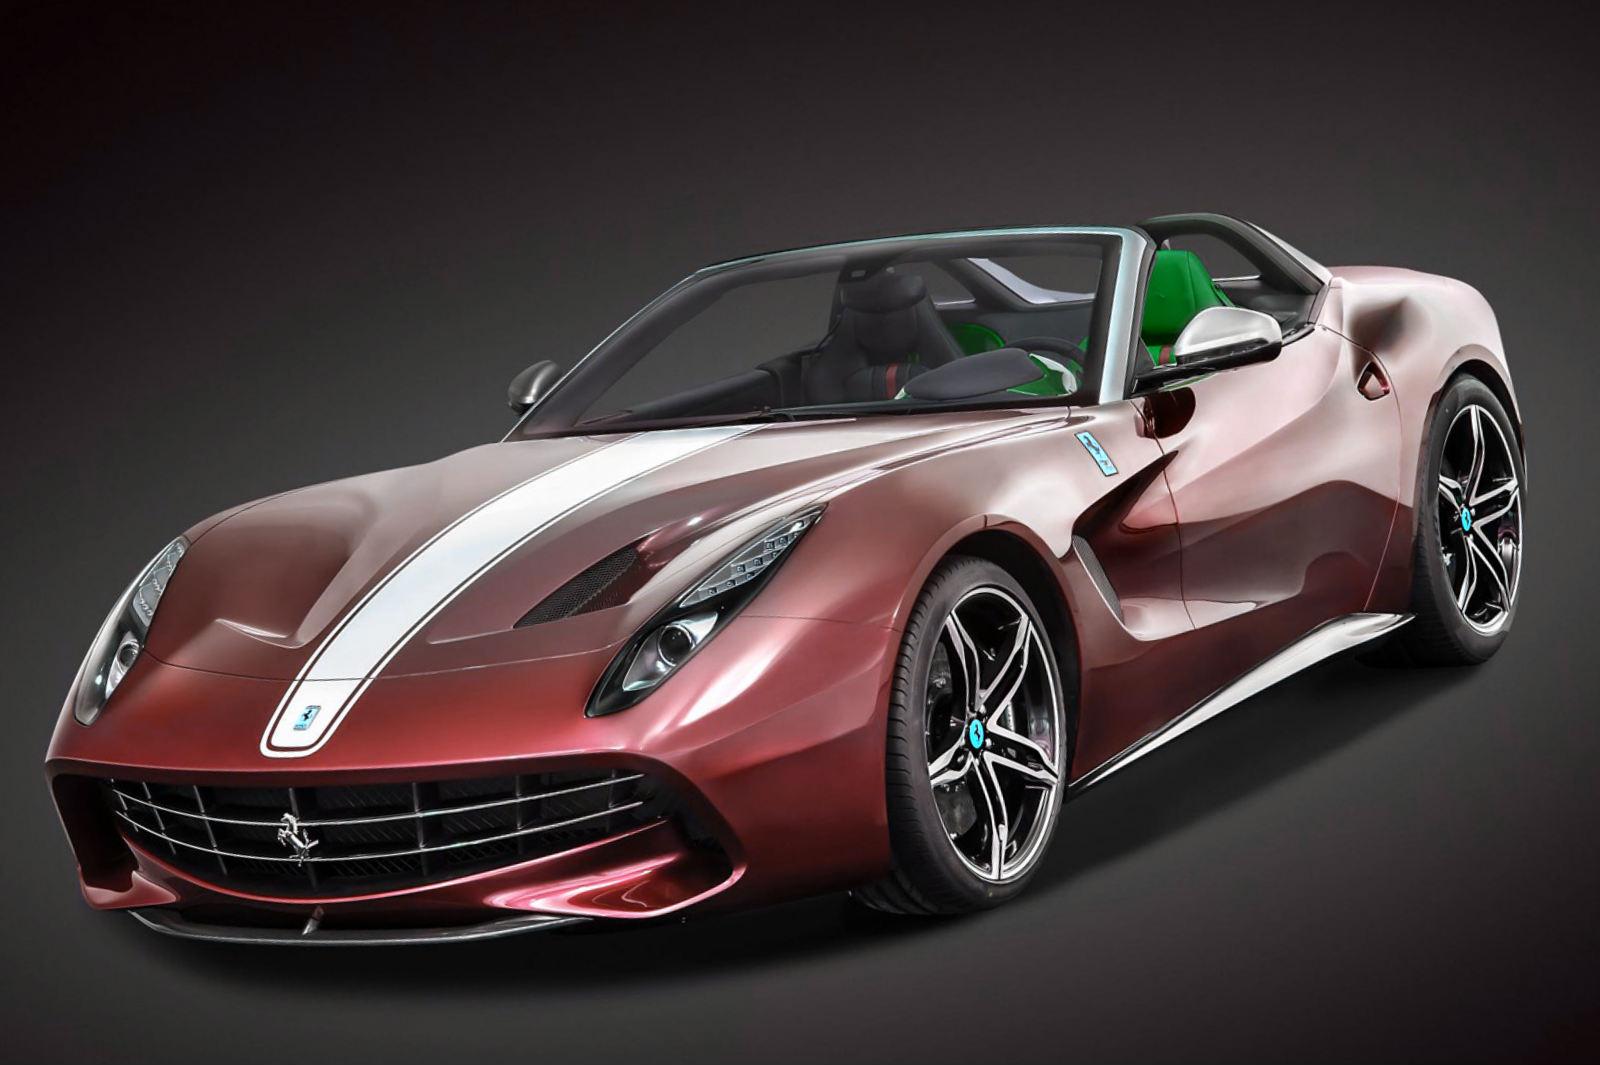 Ferrari F60 America Special Edition